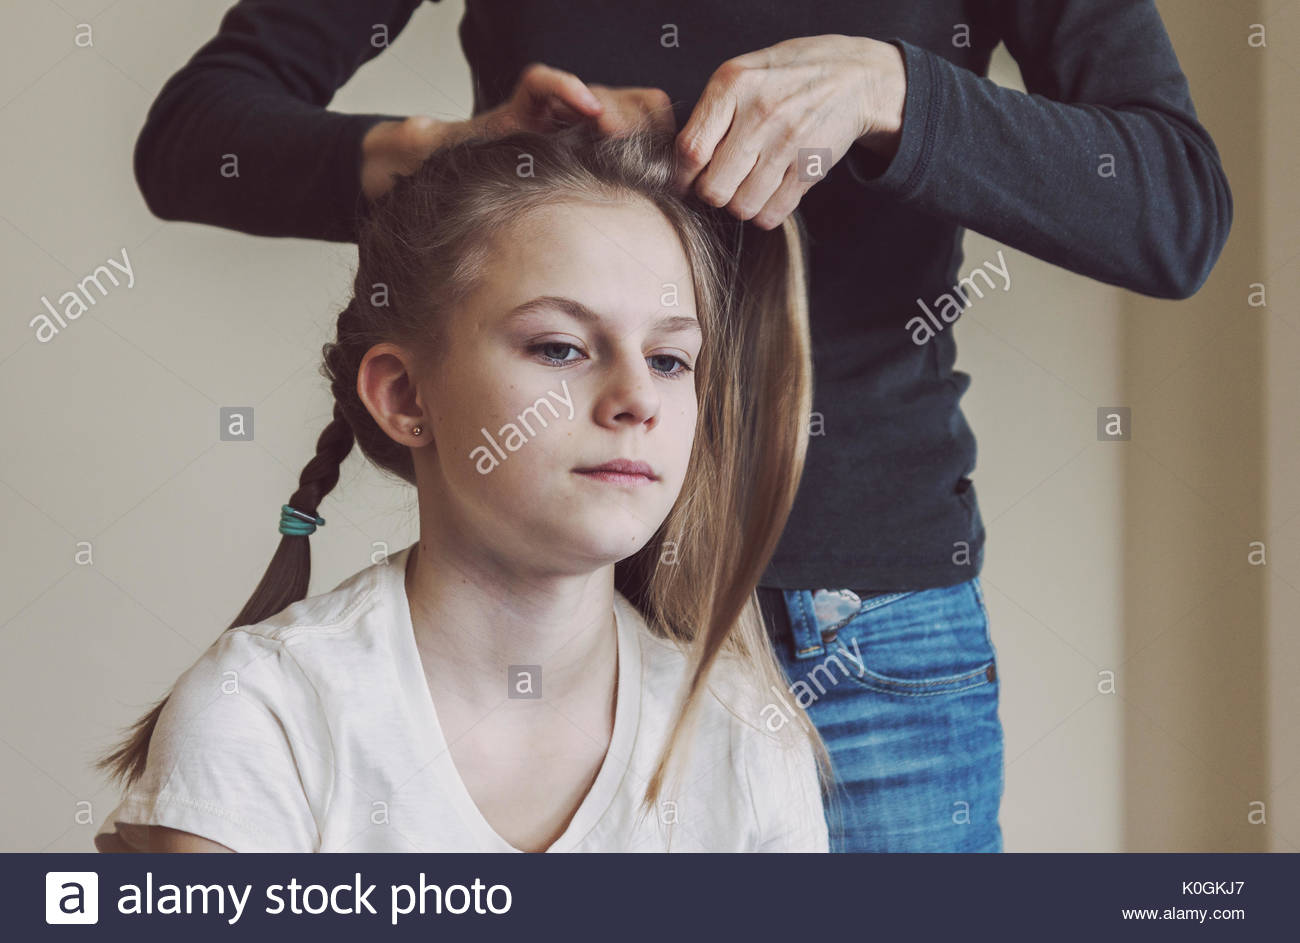 Mutter flechten junge Mädchen Haare. Real Life Porträt Bild der kaukasischen jugendlich Mädchen mit gezielten warm mate Filter Stockbild